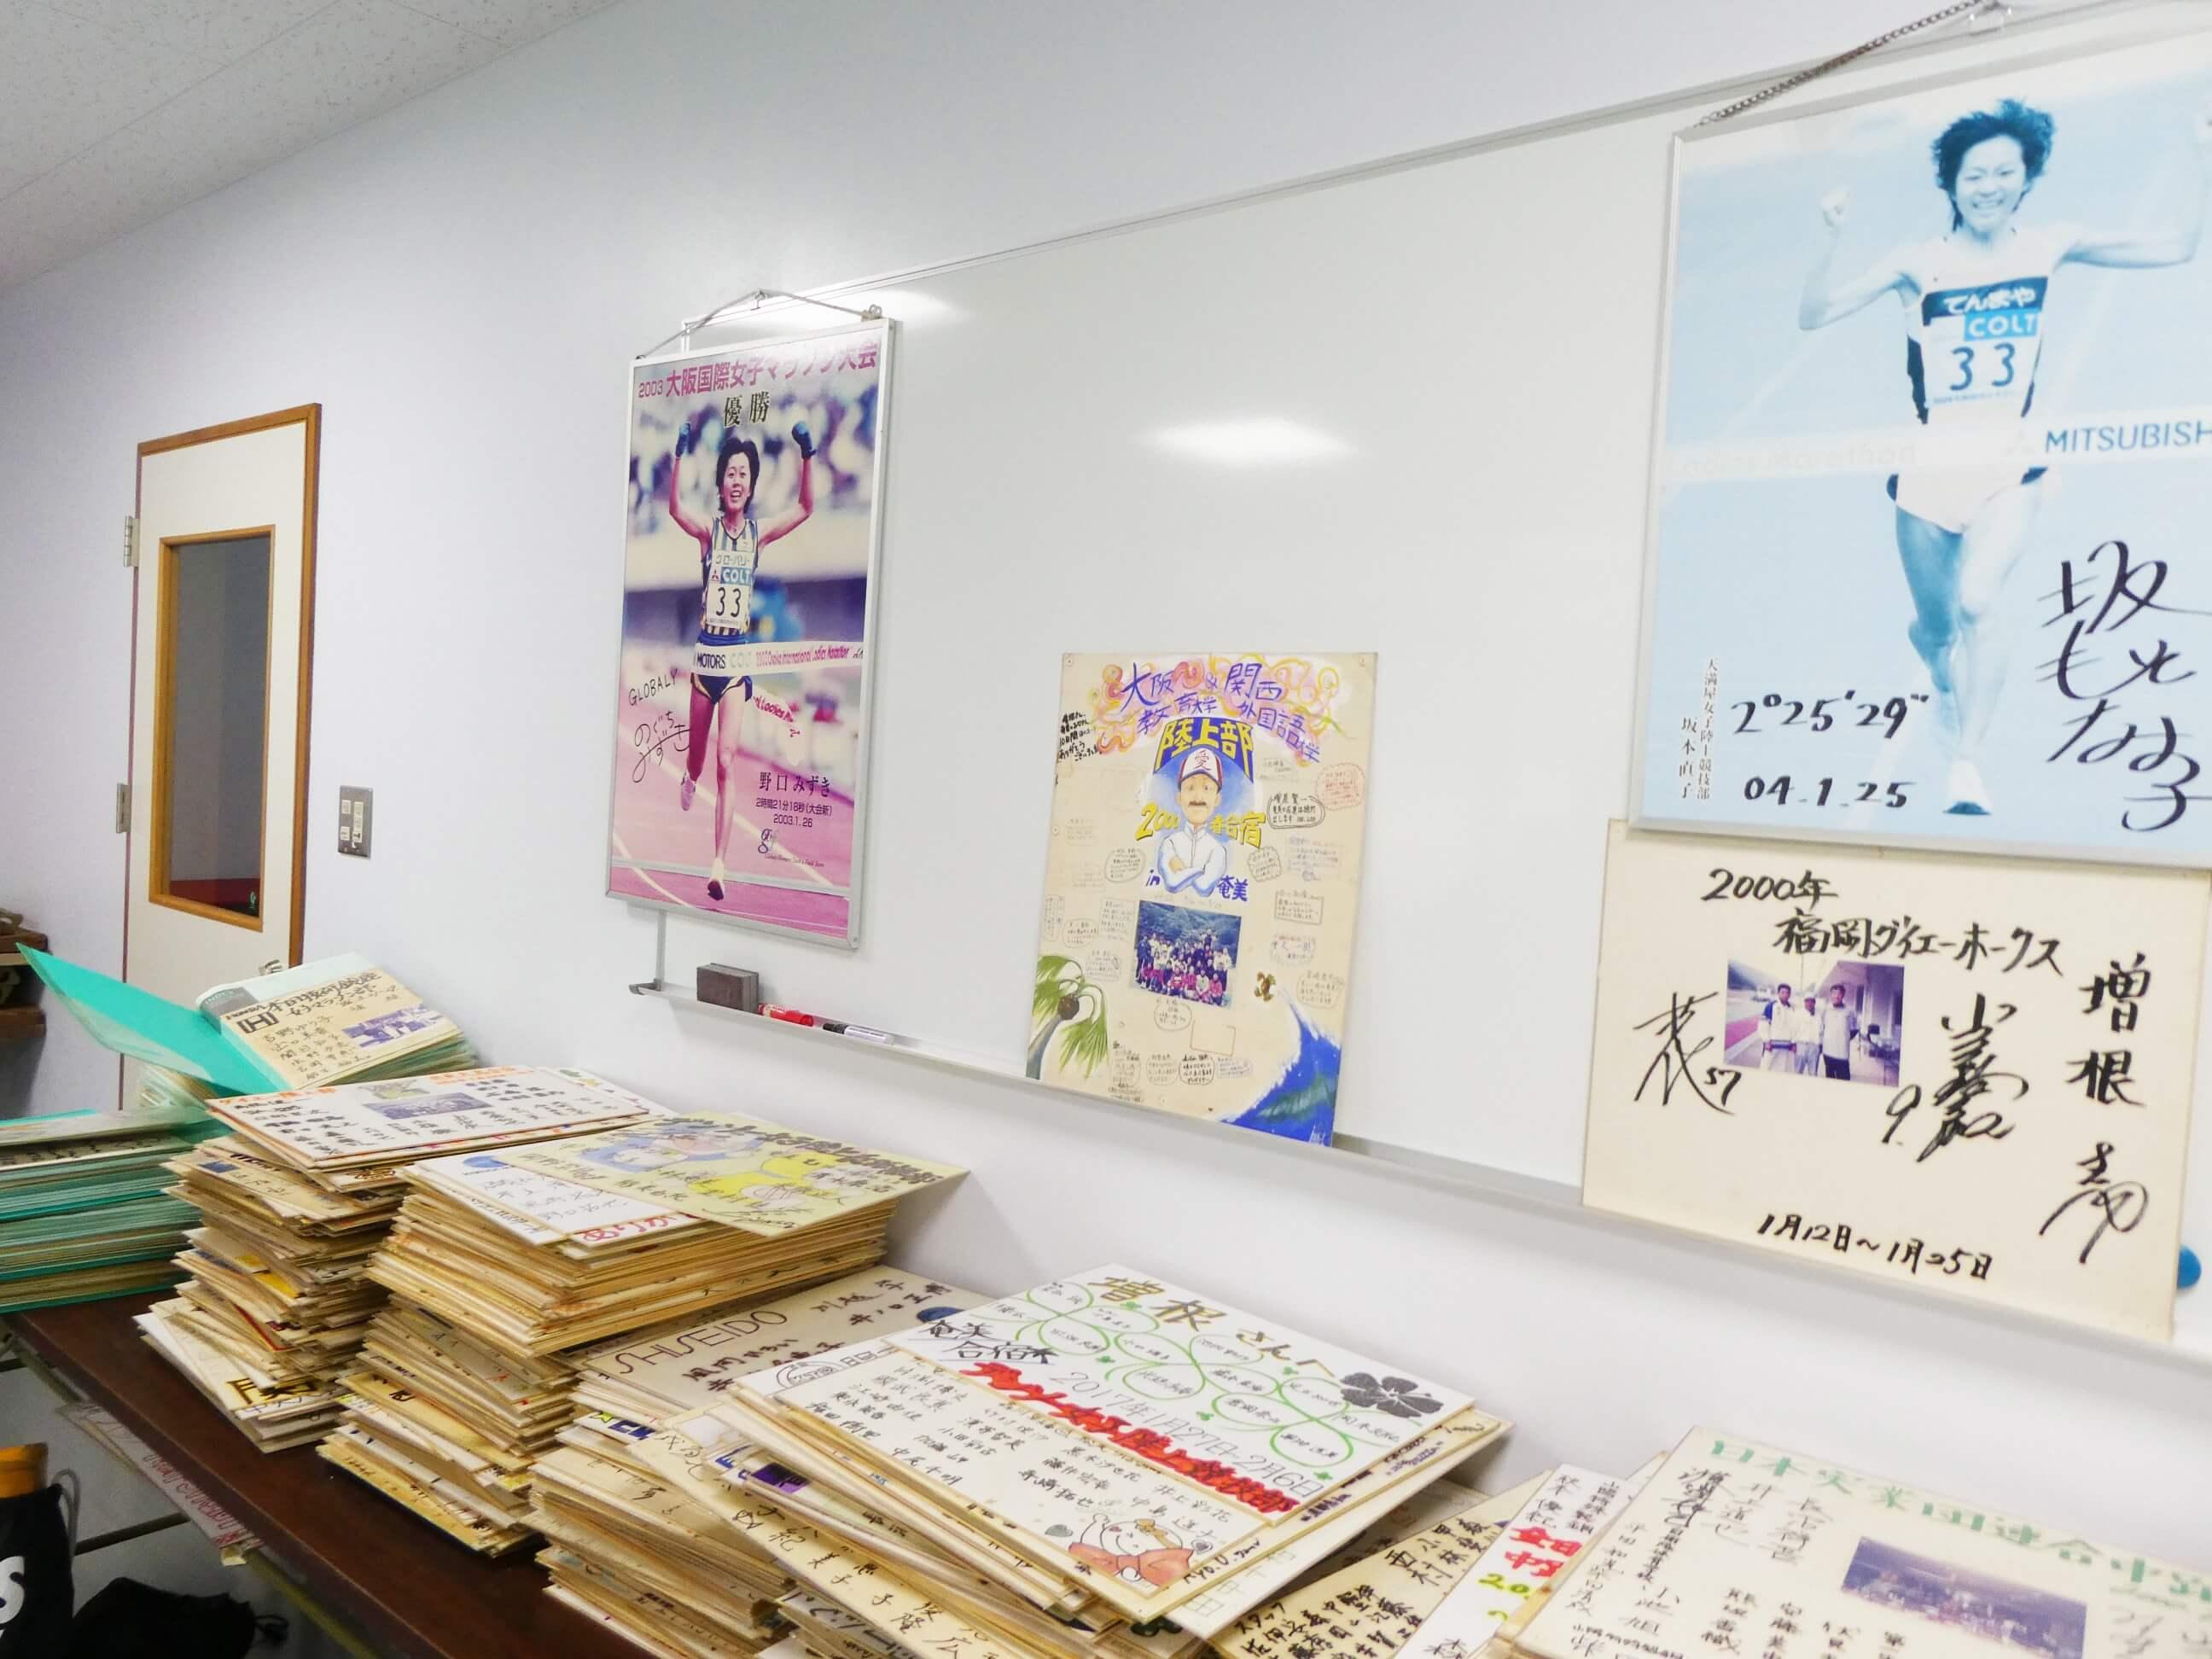 名瀬運動公園管理人の曽根さんあてのたくさんの手紙